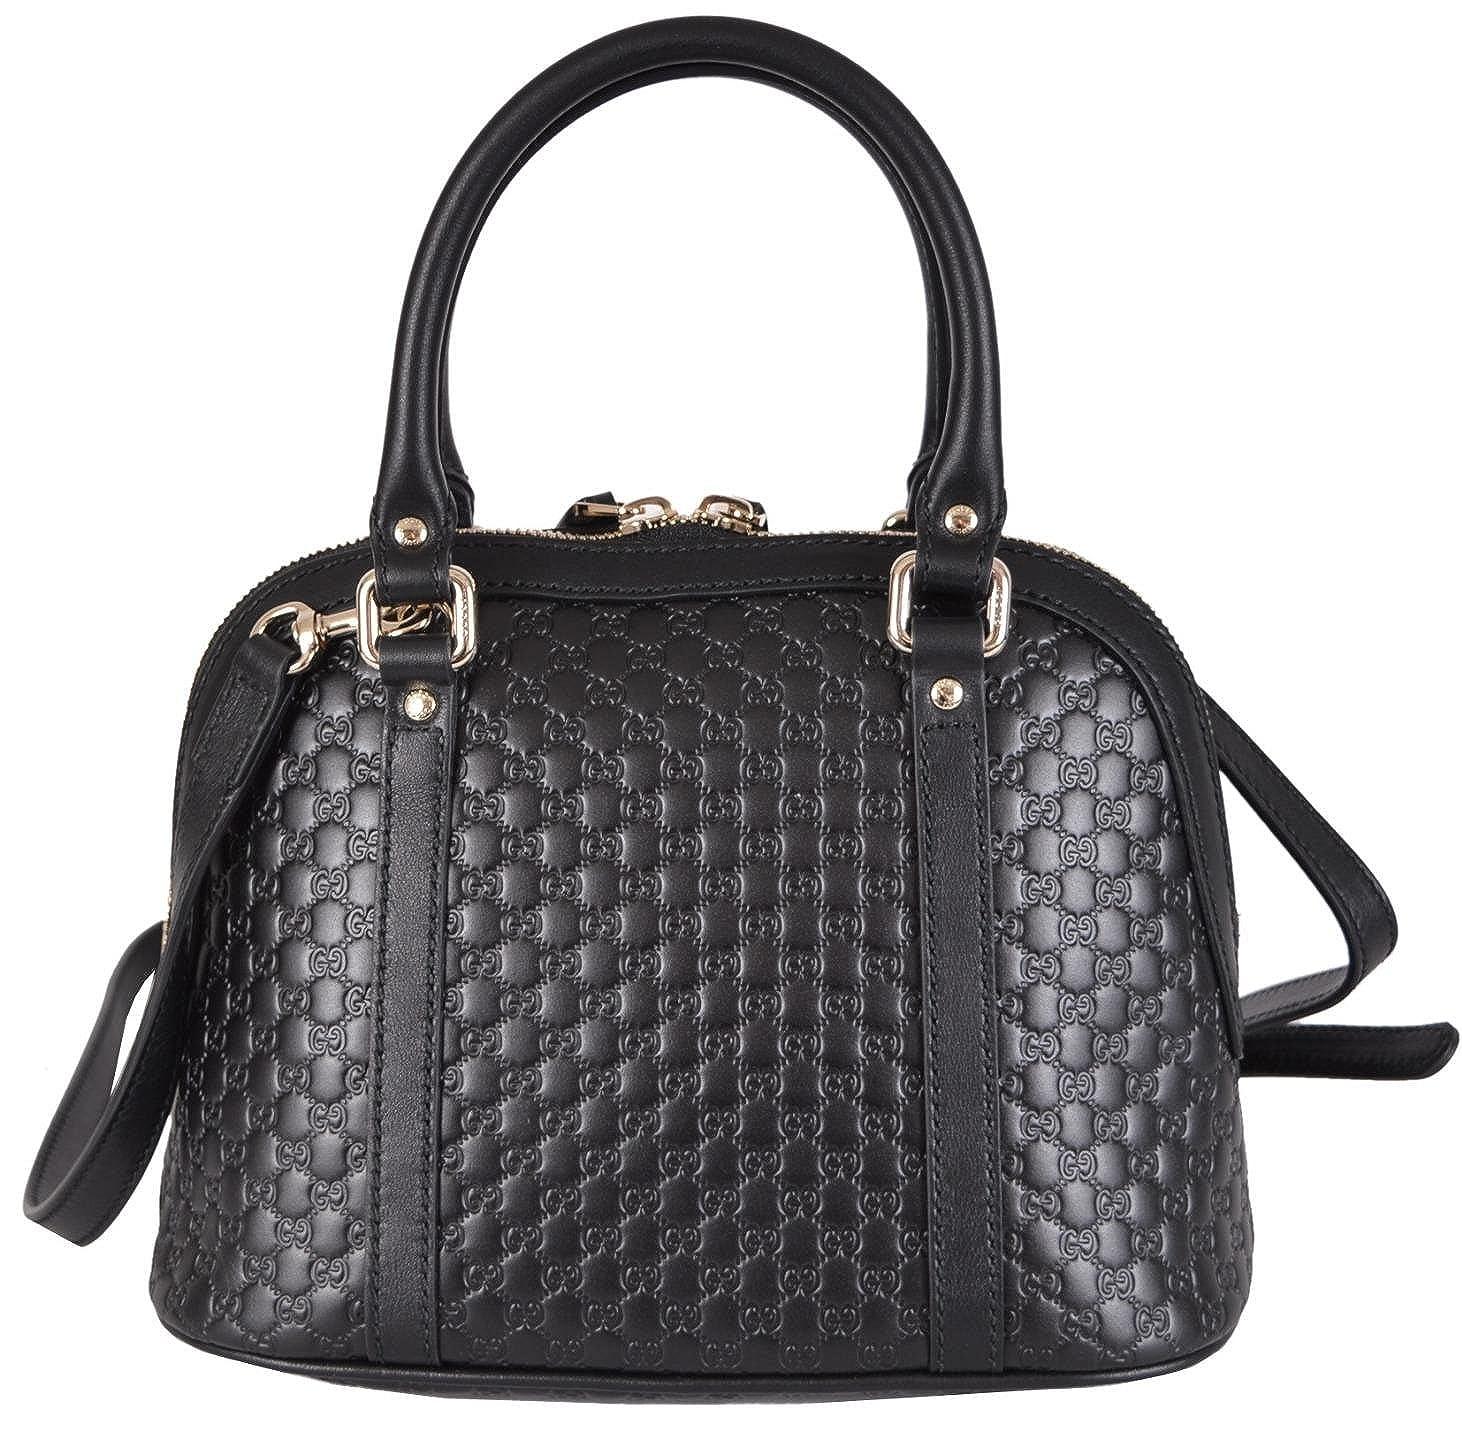 48479c2d932 Amazon.com  Gucci Women s Micro GG Black Leather Convertible Mini Dome  Purse  Shoes